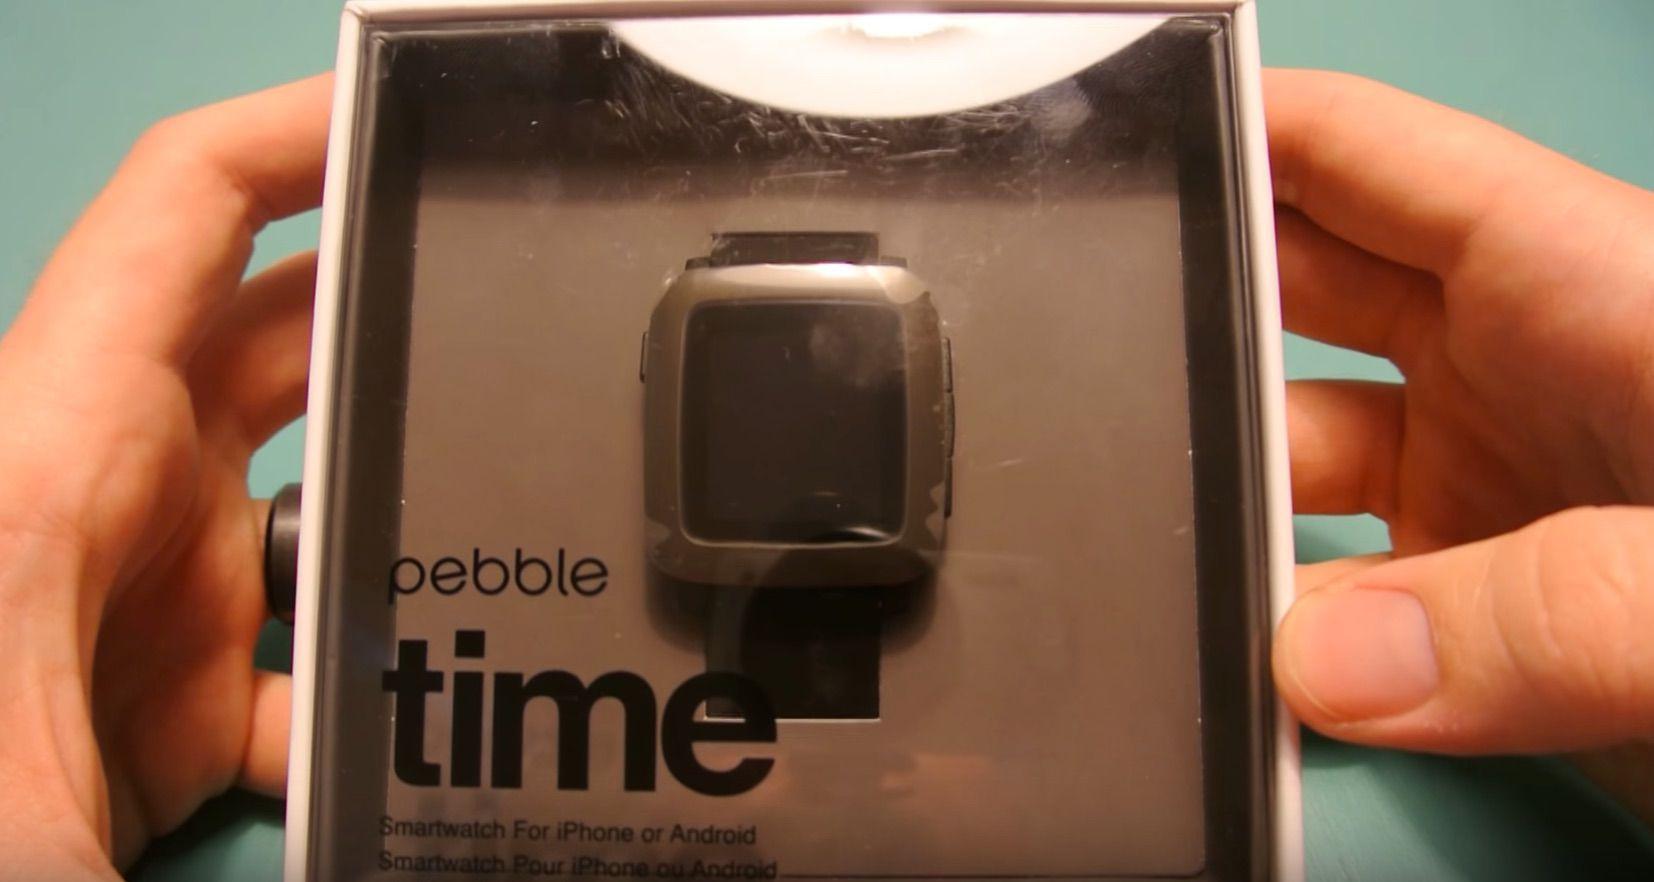 Pebble Time Unboxing montre connectee-maison-connectee